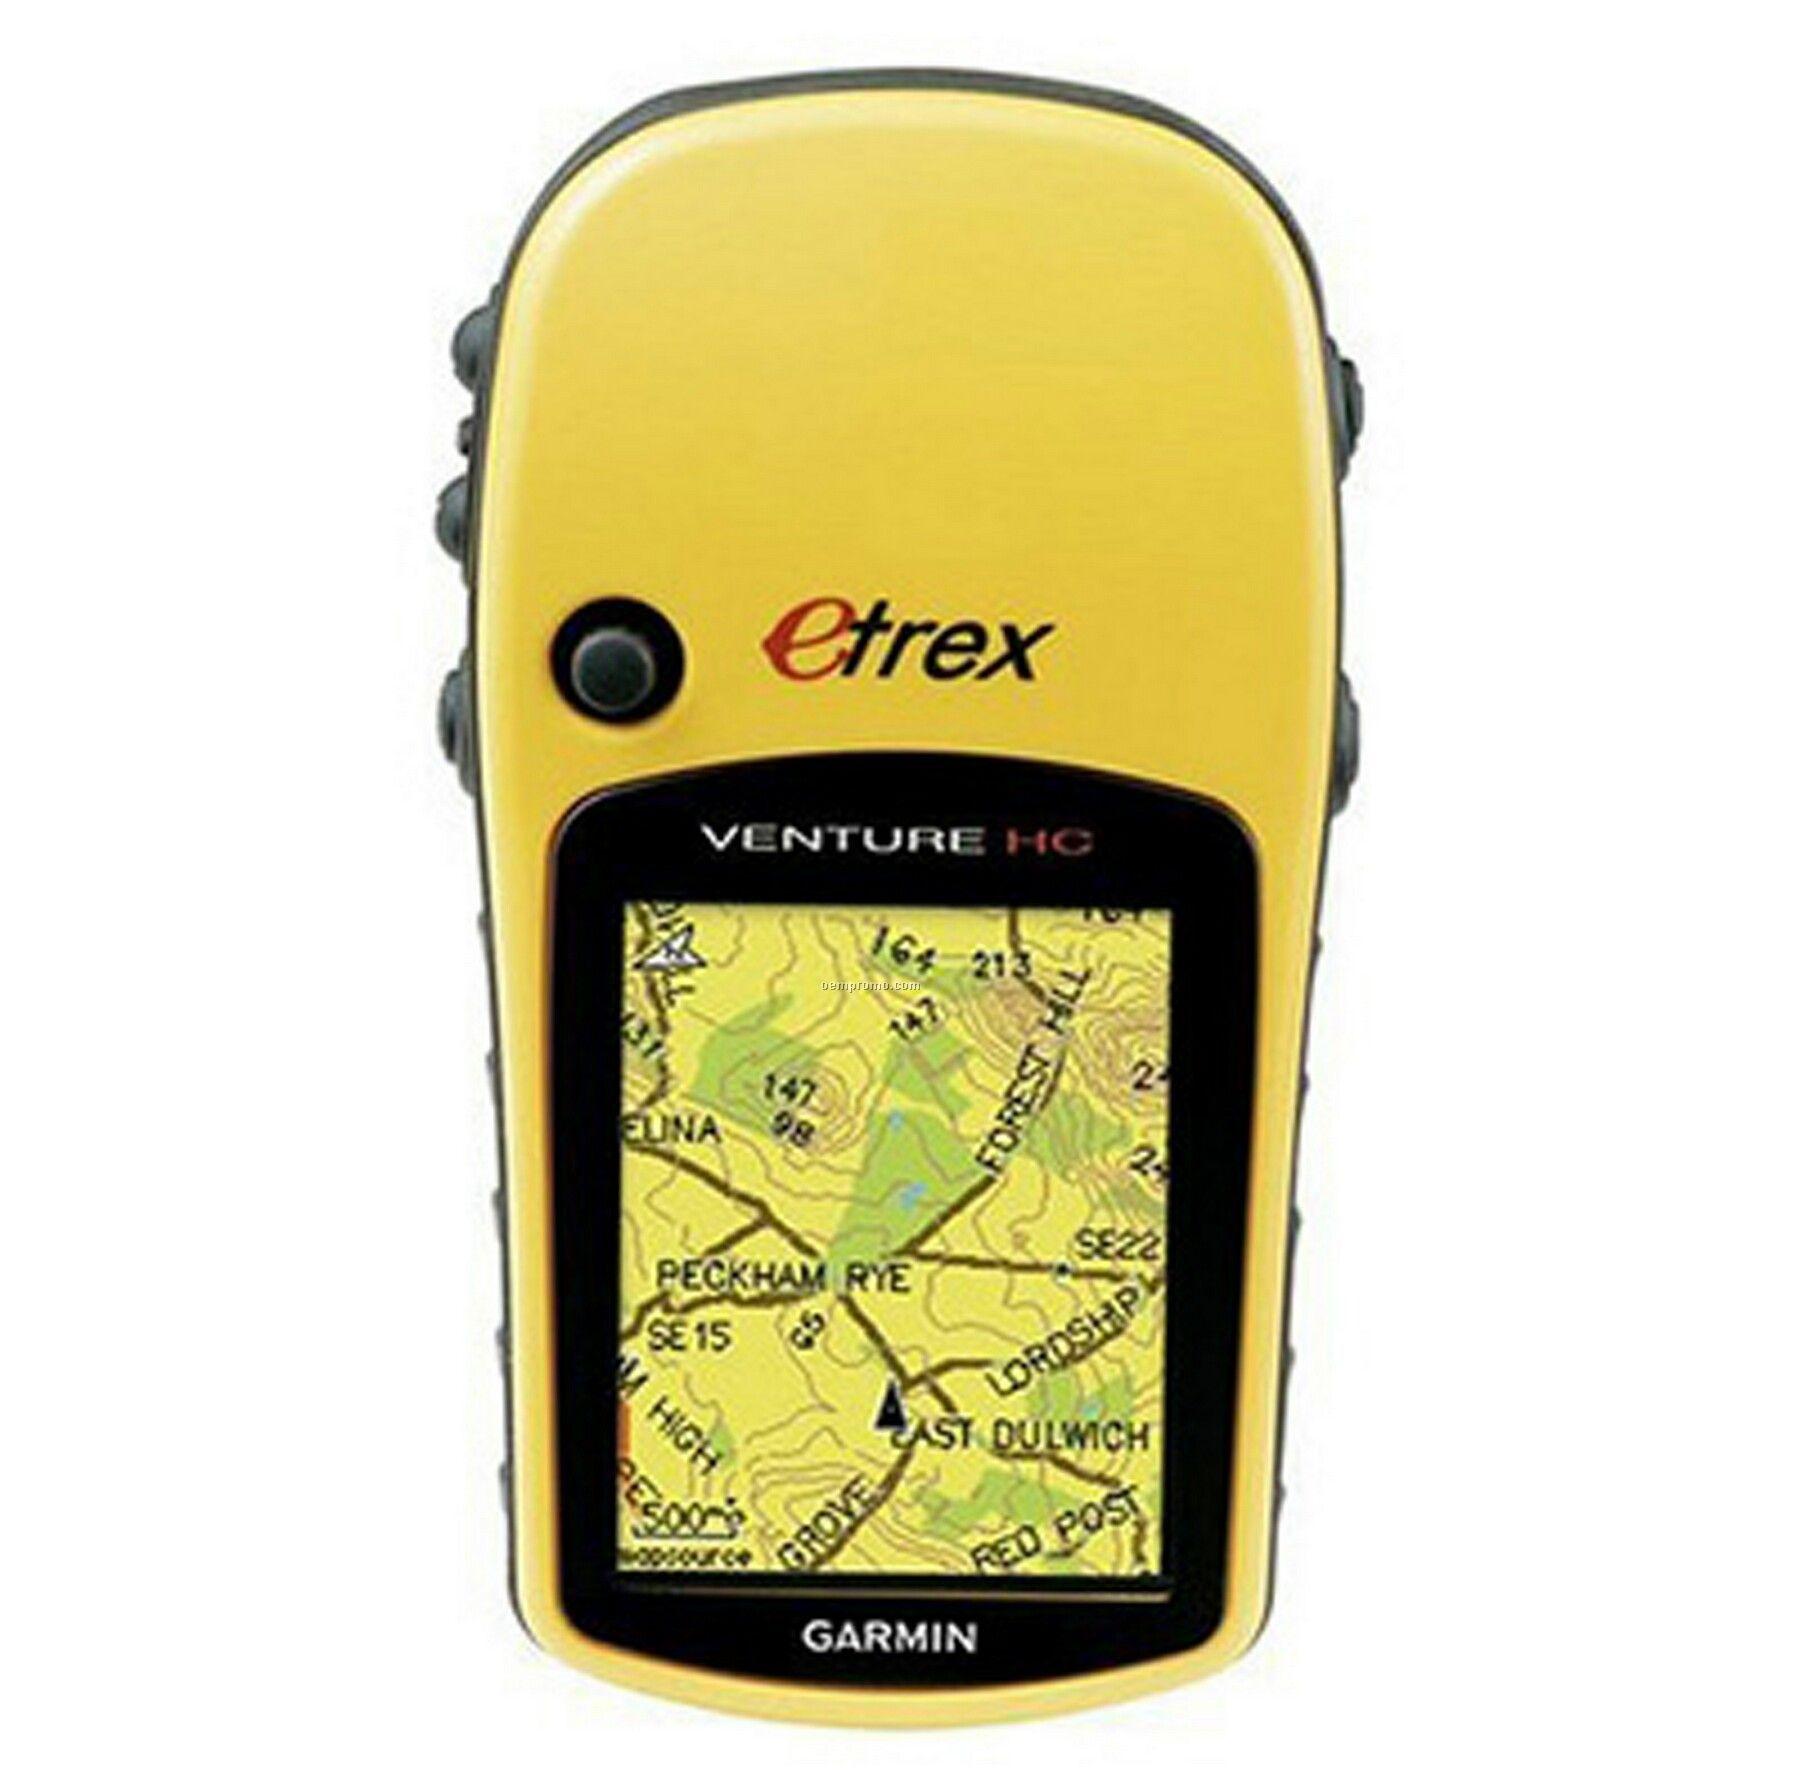 garmin etrex venture hc handheld gps receiver china gps garmin aera 500 manual garmin gps 500 maintenance manual